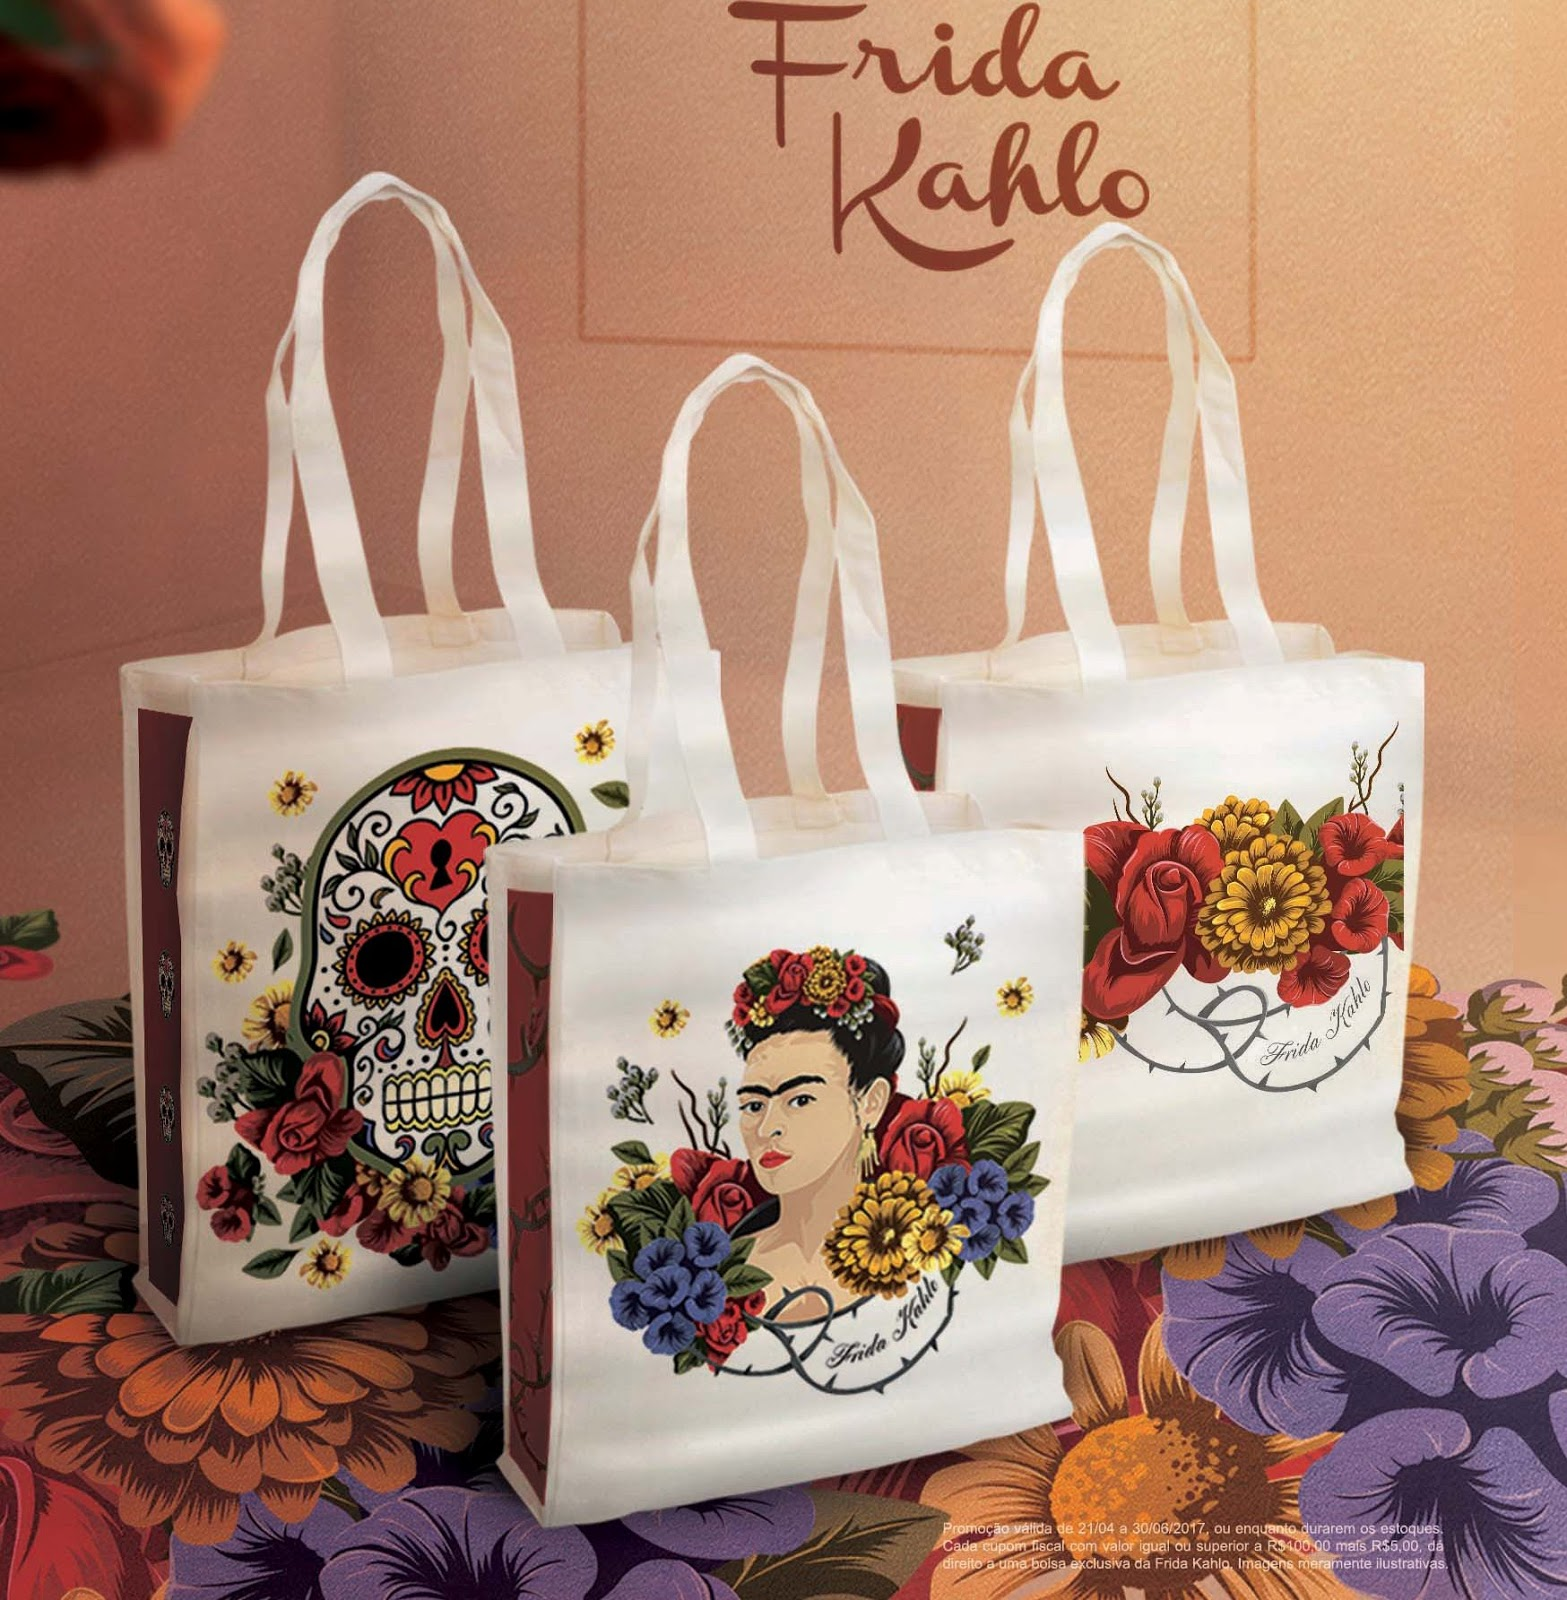 FRIDA KAHLO ESTAMPA ECOBAGS EM CAMPANHA DA LIVRARIAS CURITIBAFrida Kahlo  estampa ecobags exclusivas em campanha da Livrarias Curitiba 83eabbabe0